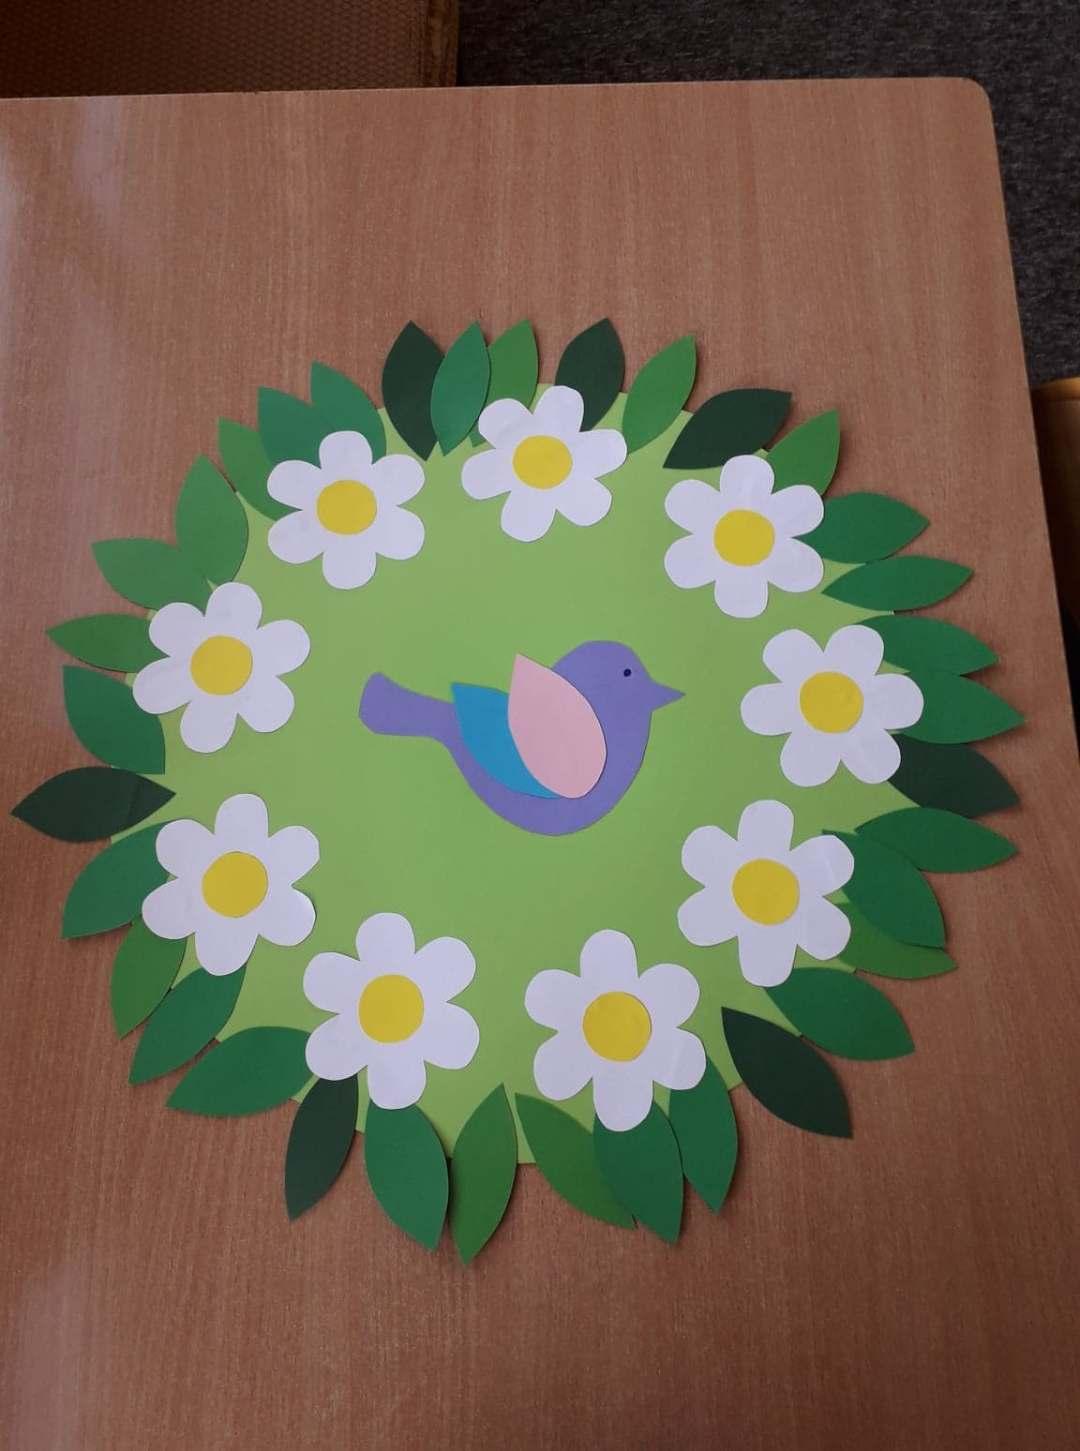 Dekoracja wiosenna na okna Alicja Mazur Prace plastyczne